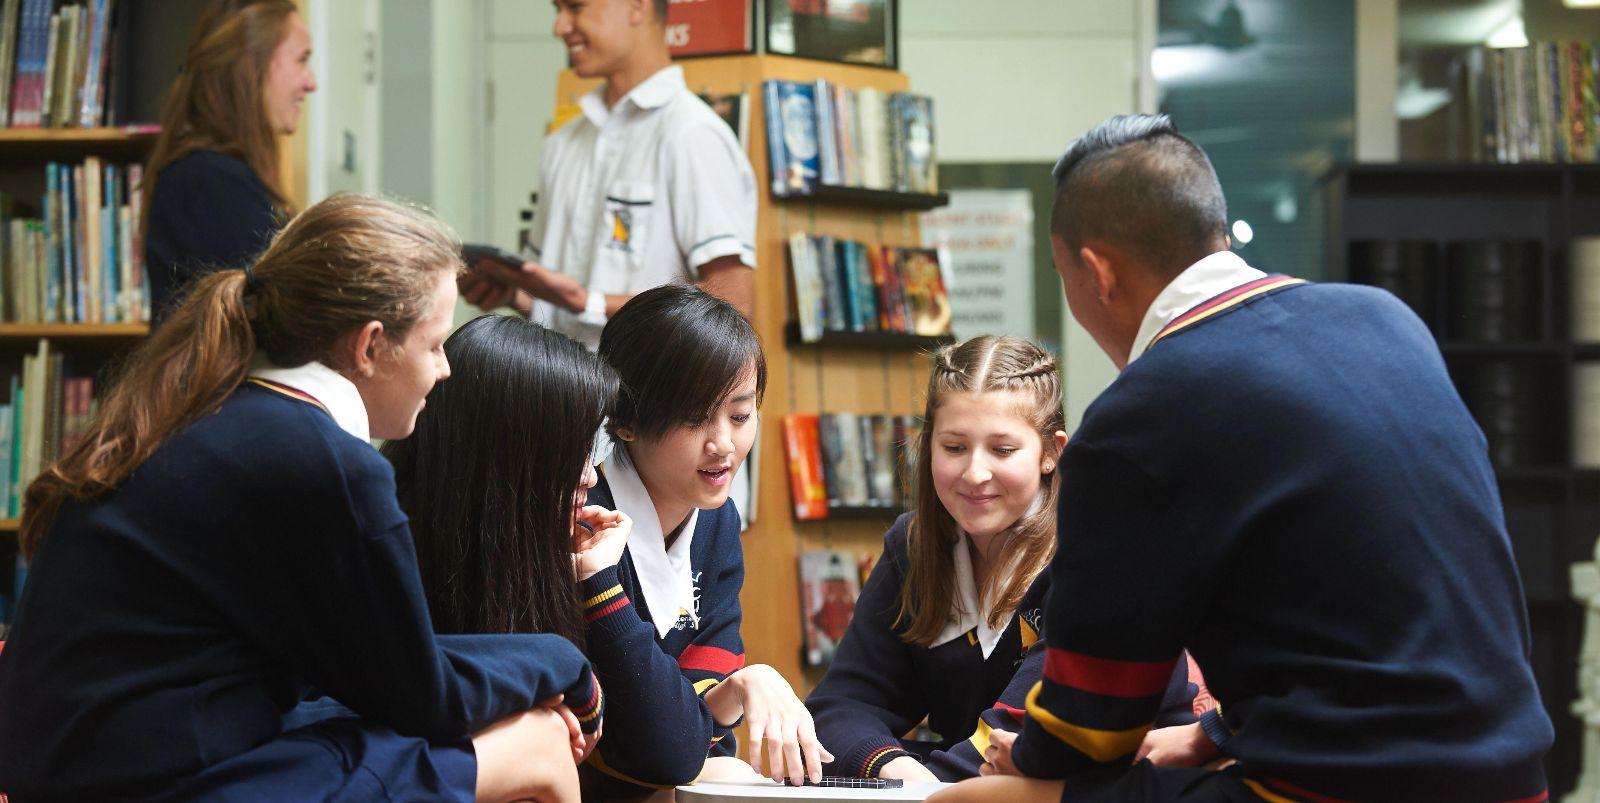 澳洲小学留学 中澳小学学习特色对比 澳洲小学申请材料 艾迪澳洲中小学申请